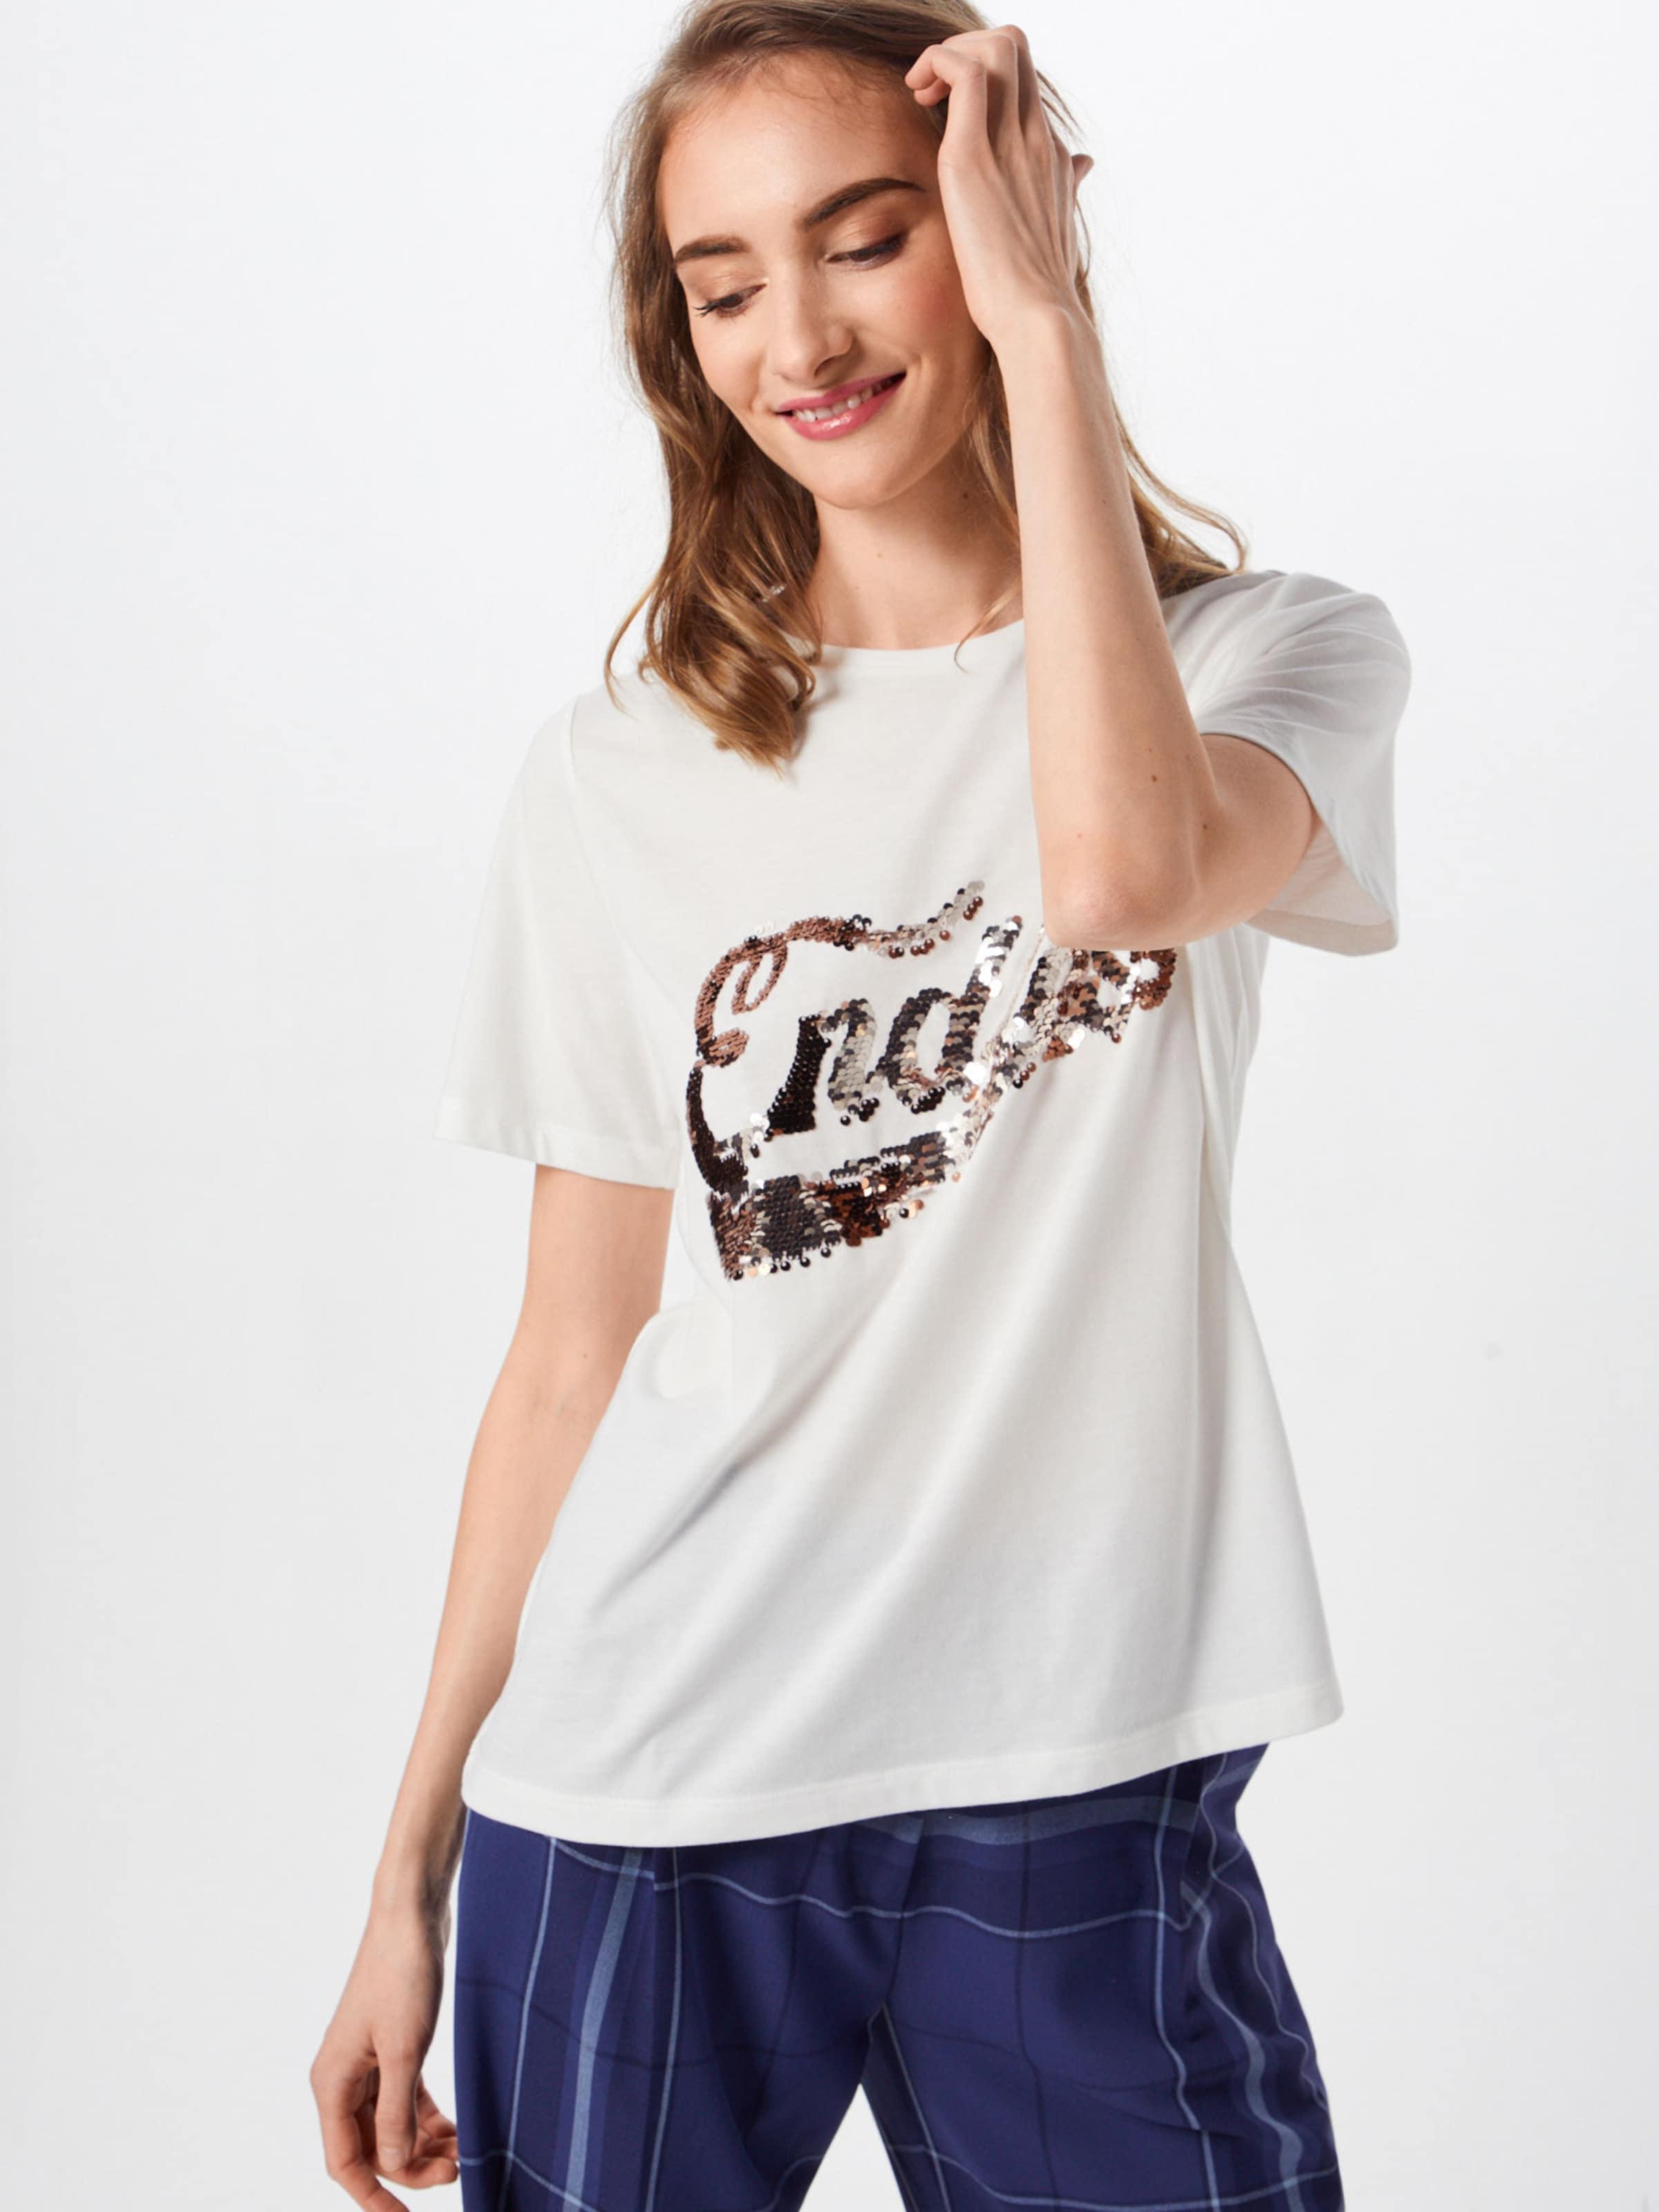 Vila BronzeNoir shirt En T 'paige' pzMSUV